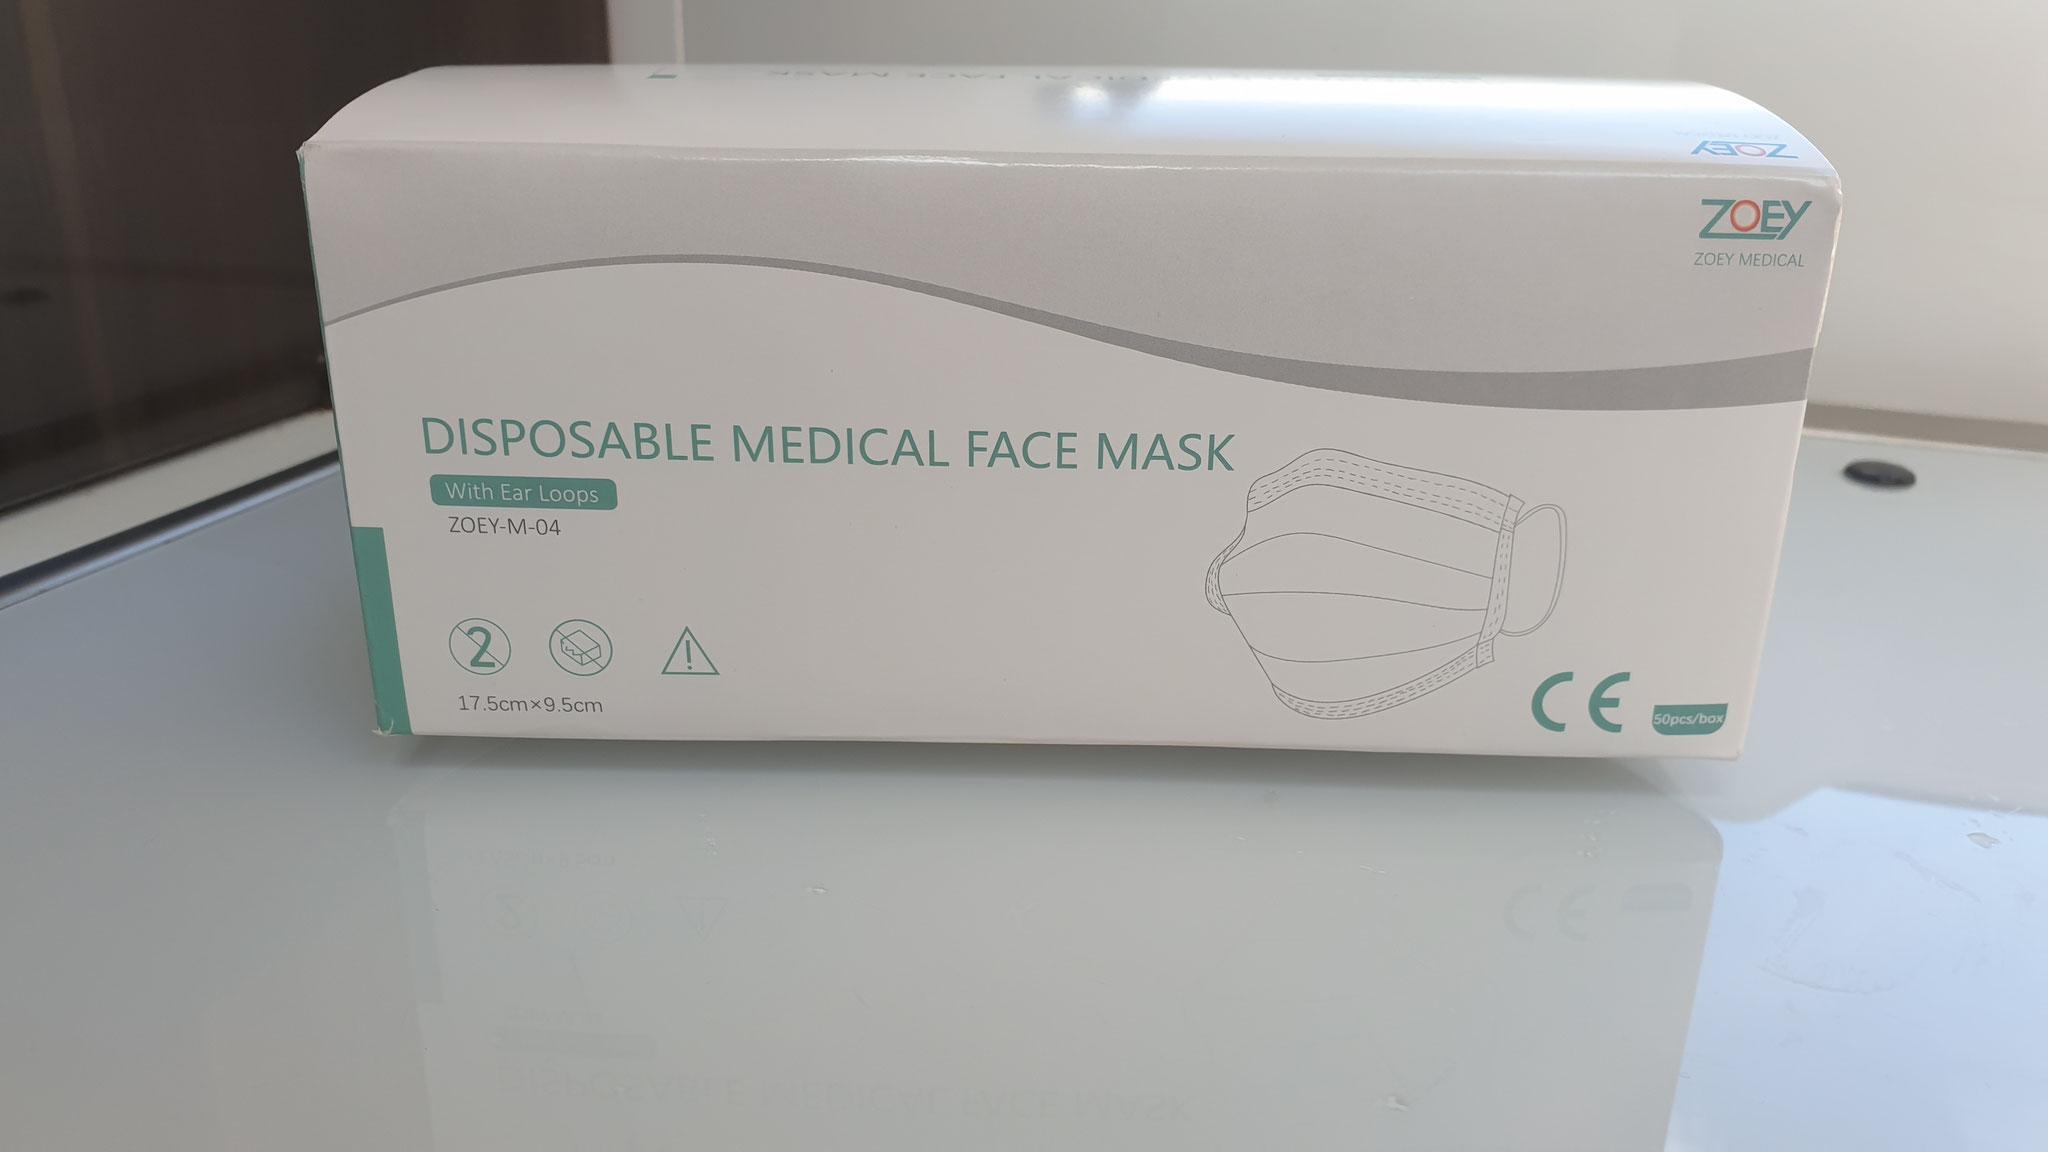 ...und eben auch Masken, für einen allfälligen Einkauf in Deutschland